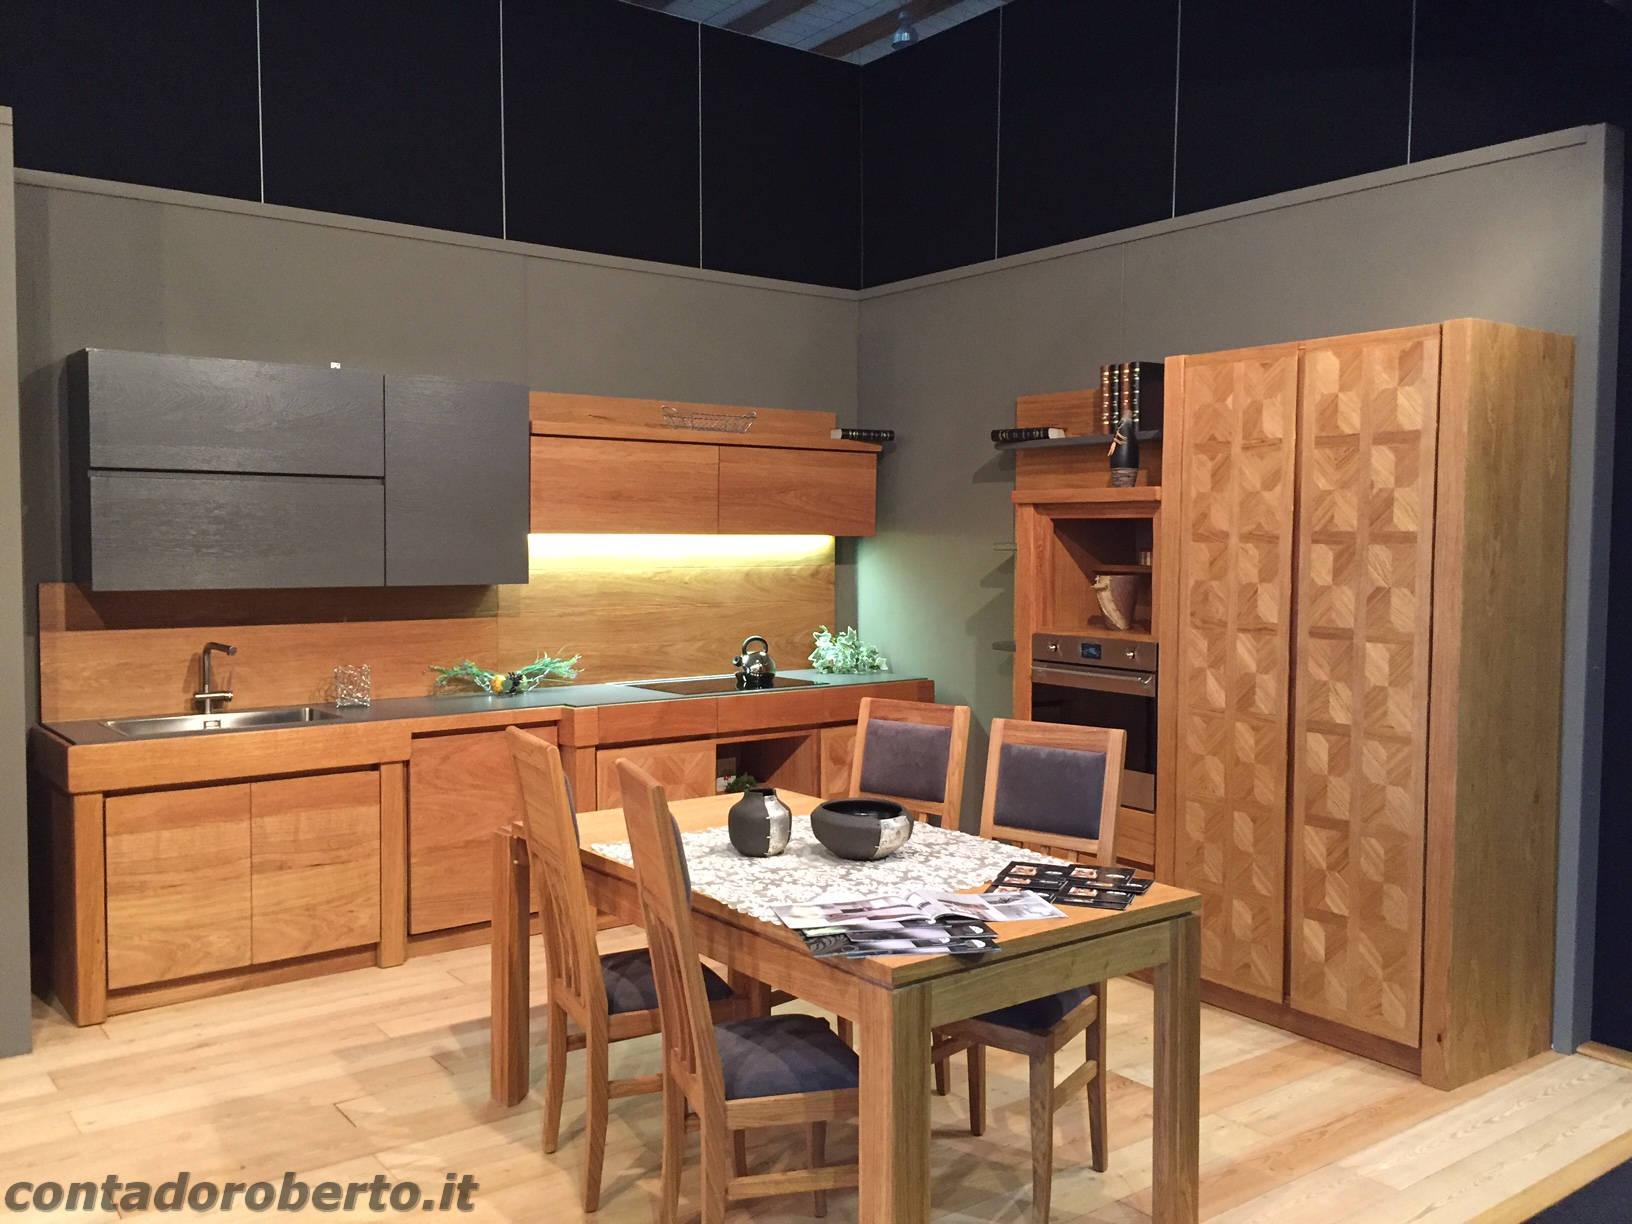 Cucine Moderne In Rovere.Cucina Moderna In Rovere Naturale Manerba Contado Roberto Group Cucine E Arredamenti Su Misura In Legno